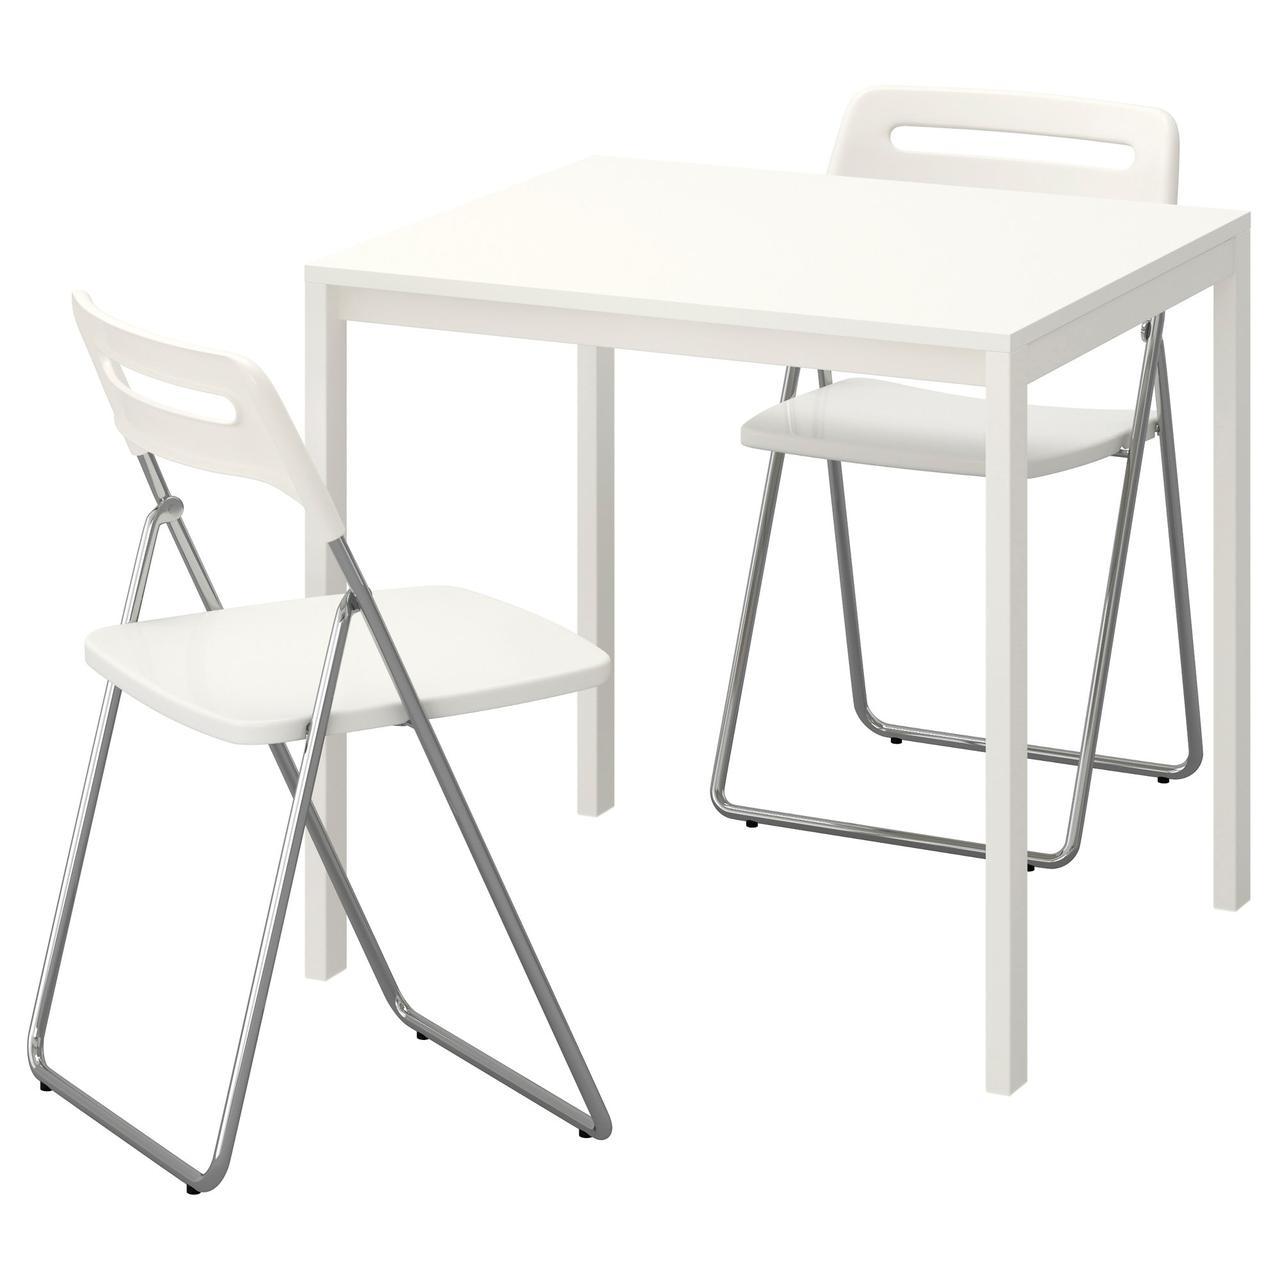 МЕЛЬТОРП / НИССЕ Стол и 2 складных стула, белый, белый